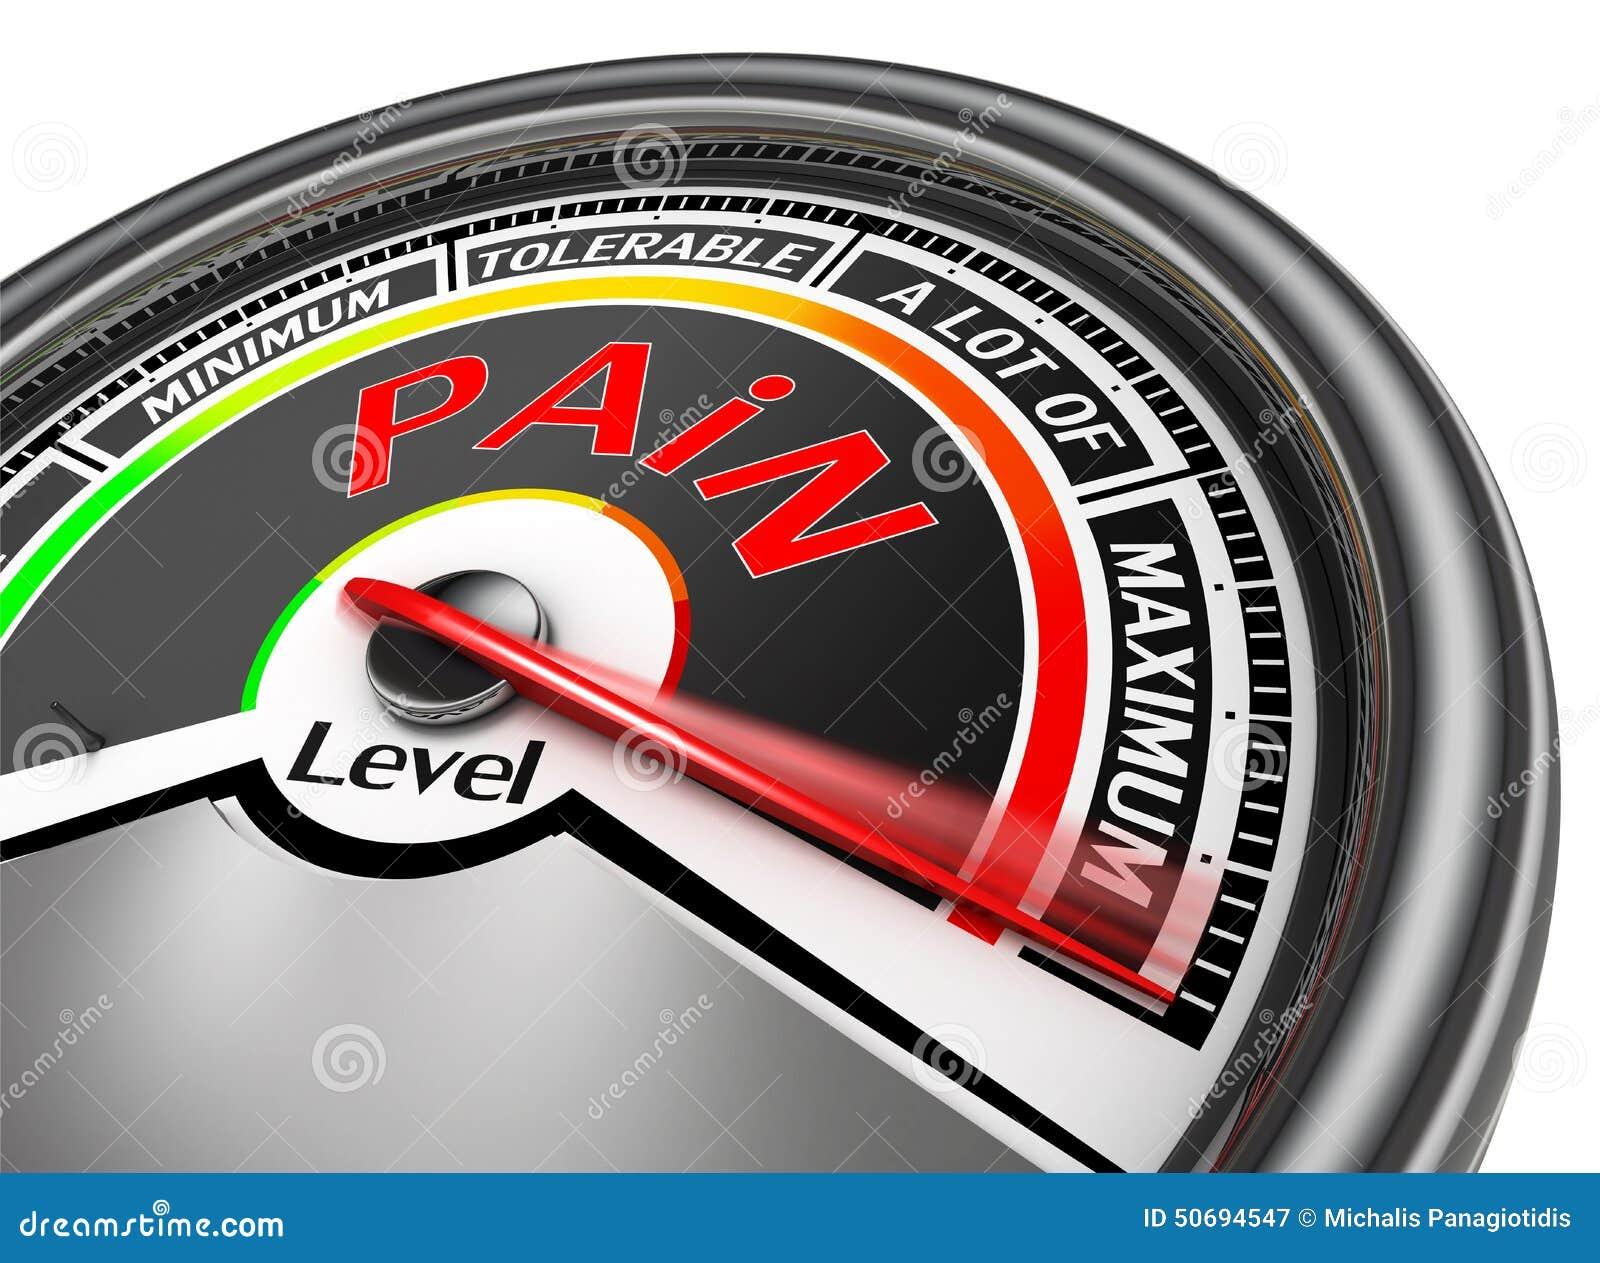 pain level conceptual meter indicate maximum stock